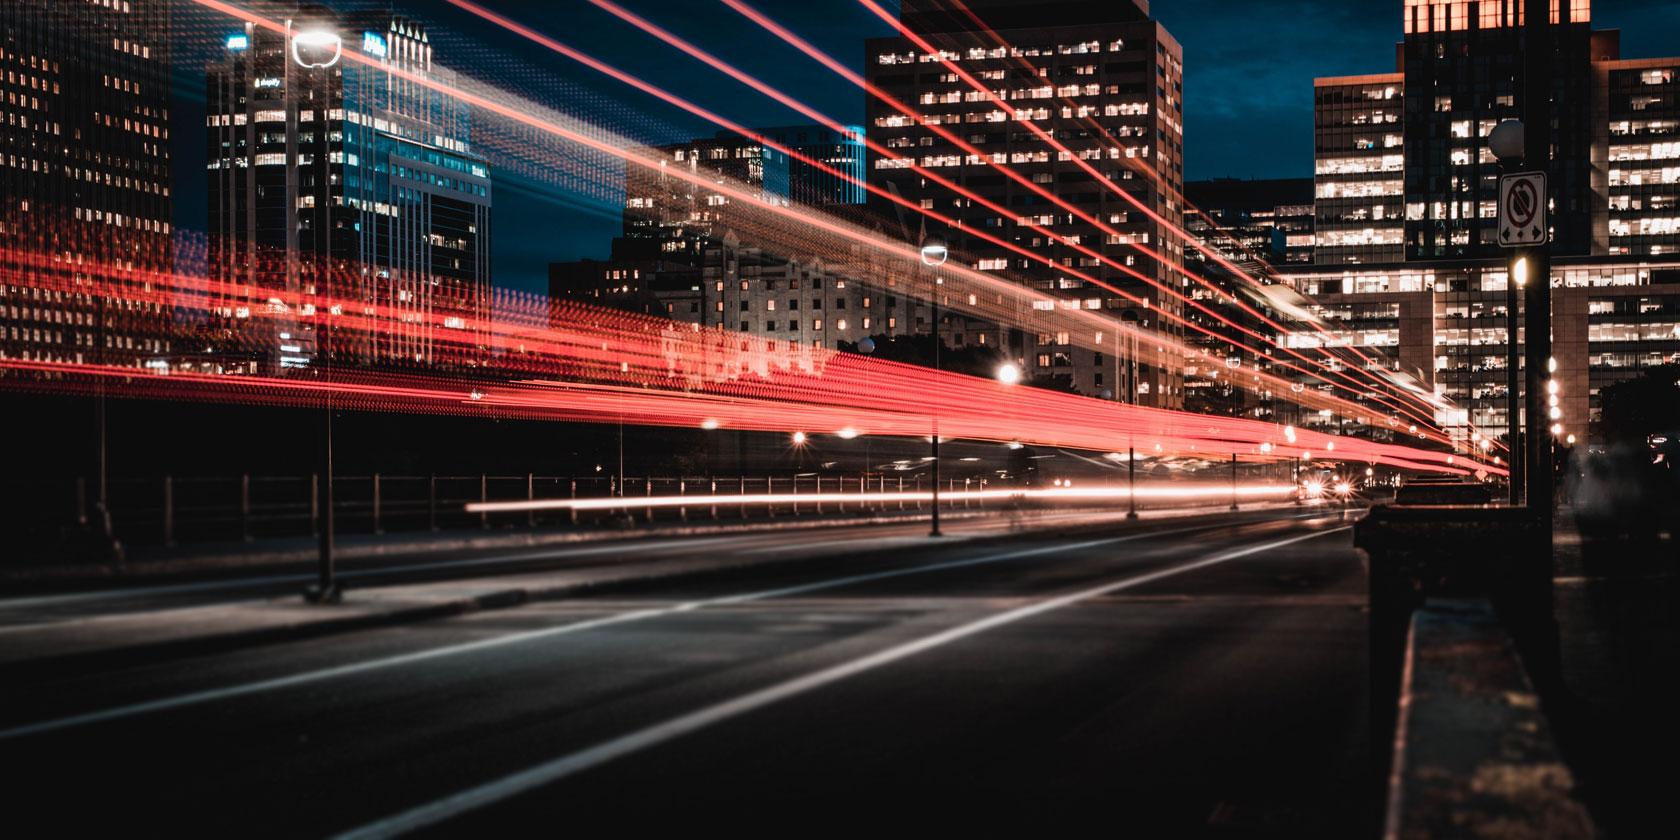 معرفی ۵ اپلیکیشن آیفون برای عکاسی با نوردهی طولانی – Long-exposure